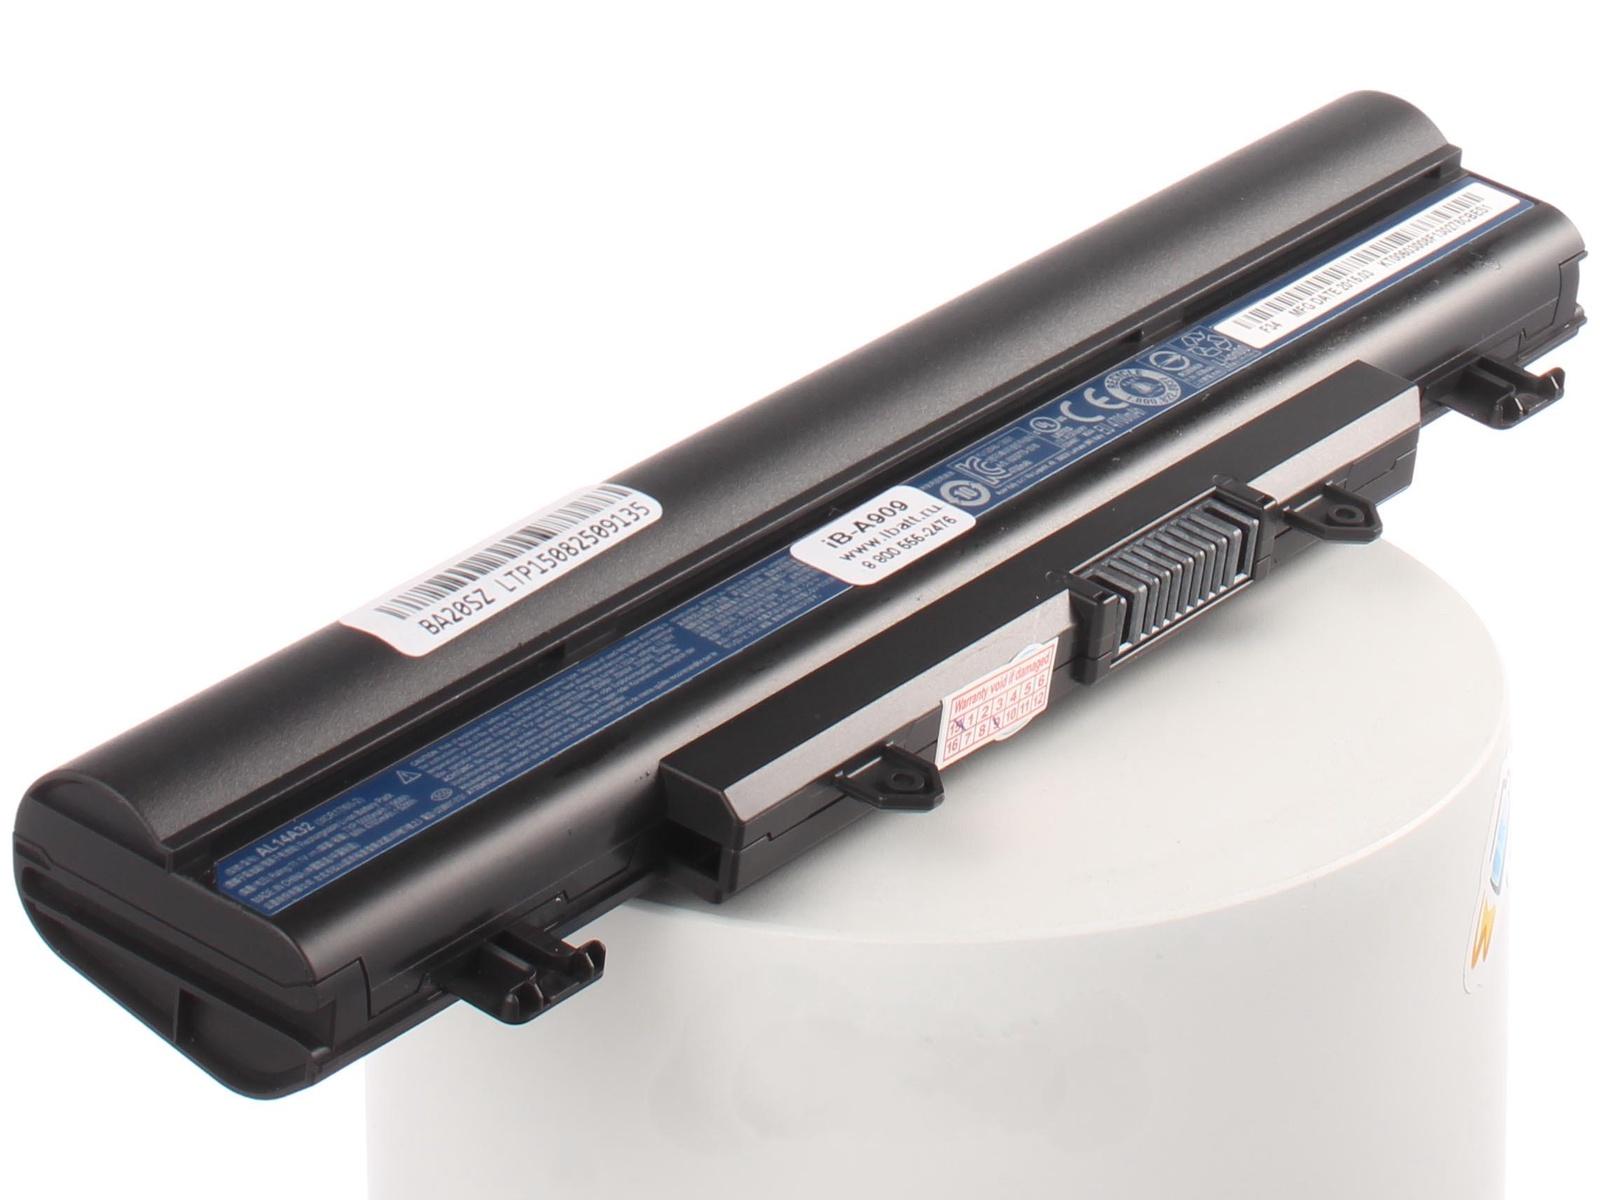 Аккумулятор для ноутбука iBatt для Acer Aspire E5-571G-38TS, Aspire E5-571G-56VP, Aspire V3-472, ASPIRE V3-572-51TR, TravelMate P256-M, Travelmate P256-MG-7170, Aspire E5-511-C55X, Aspire E5-511G-C1RN, ASPIRE E5-511G-P74G acer aspire e5 573 331j